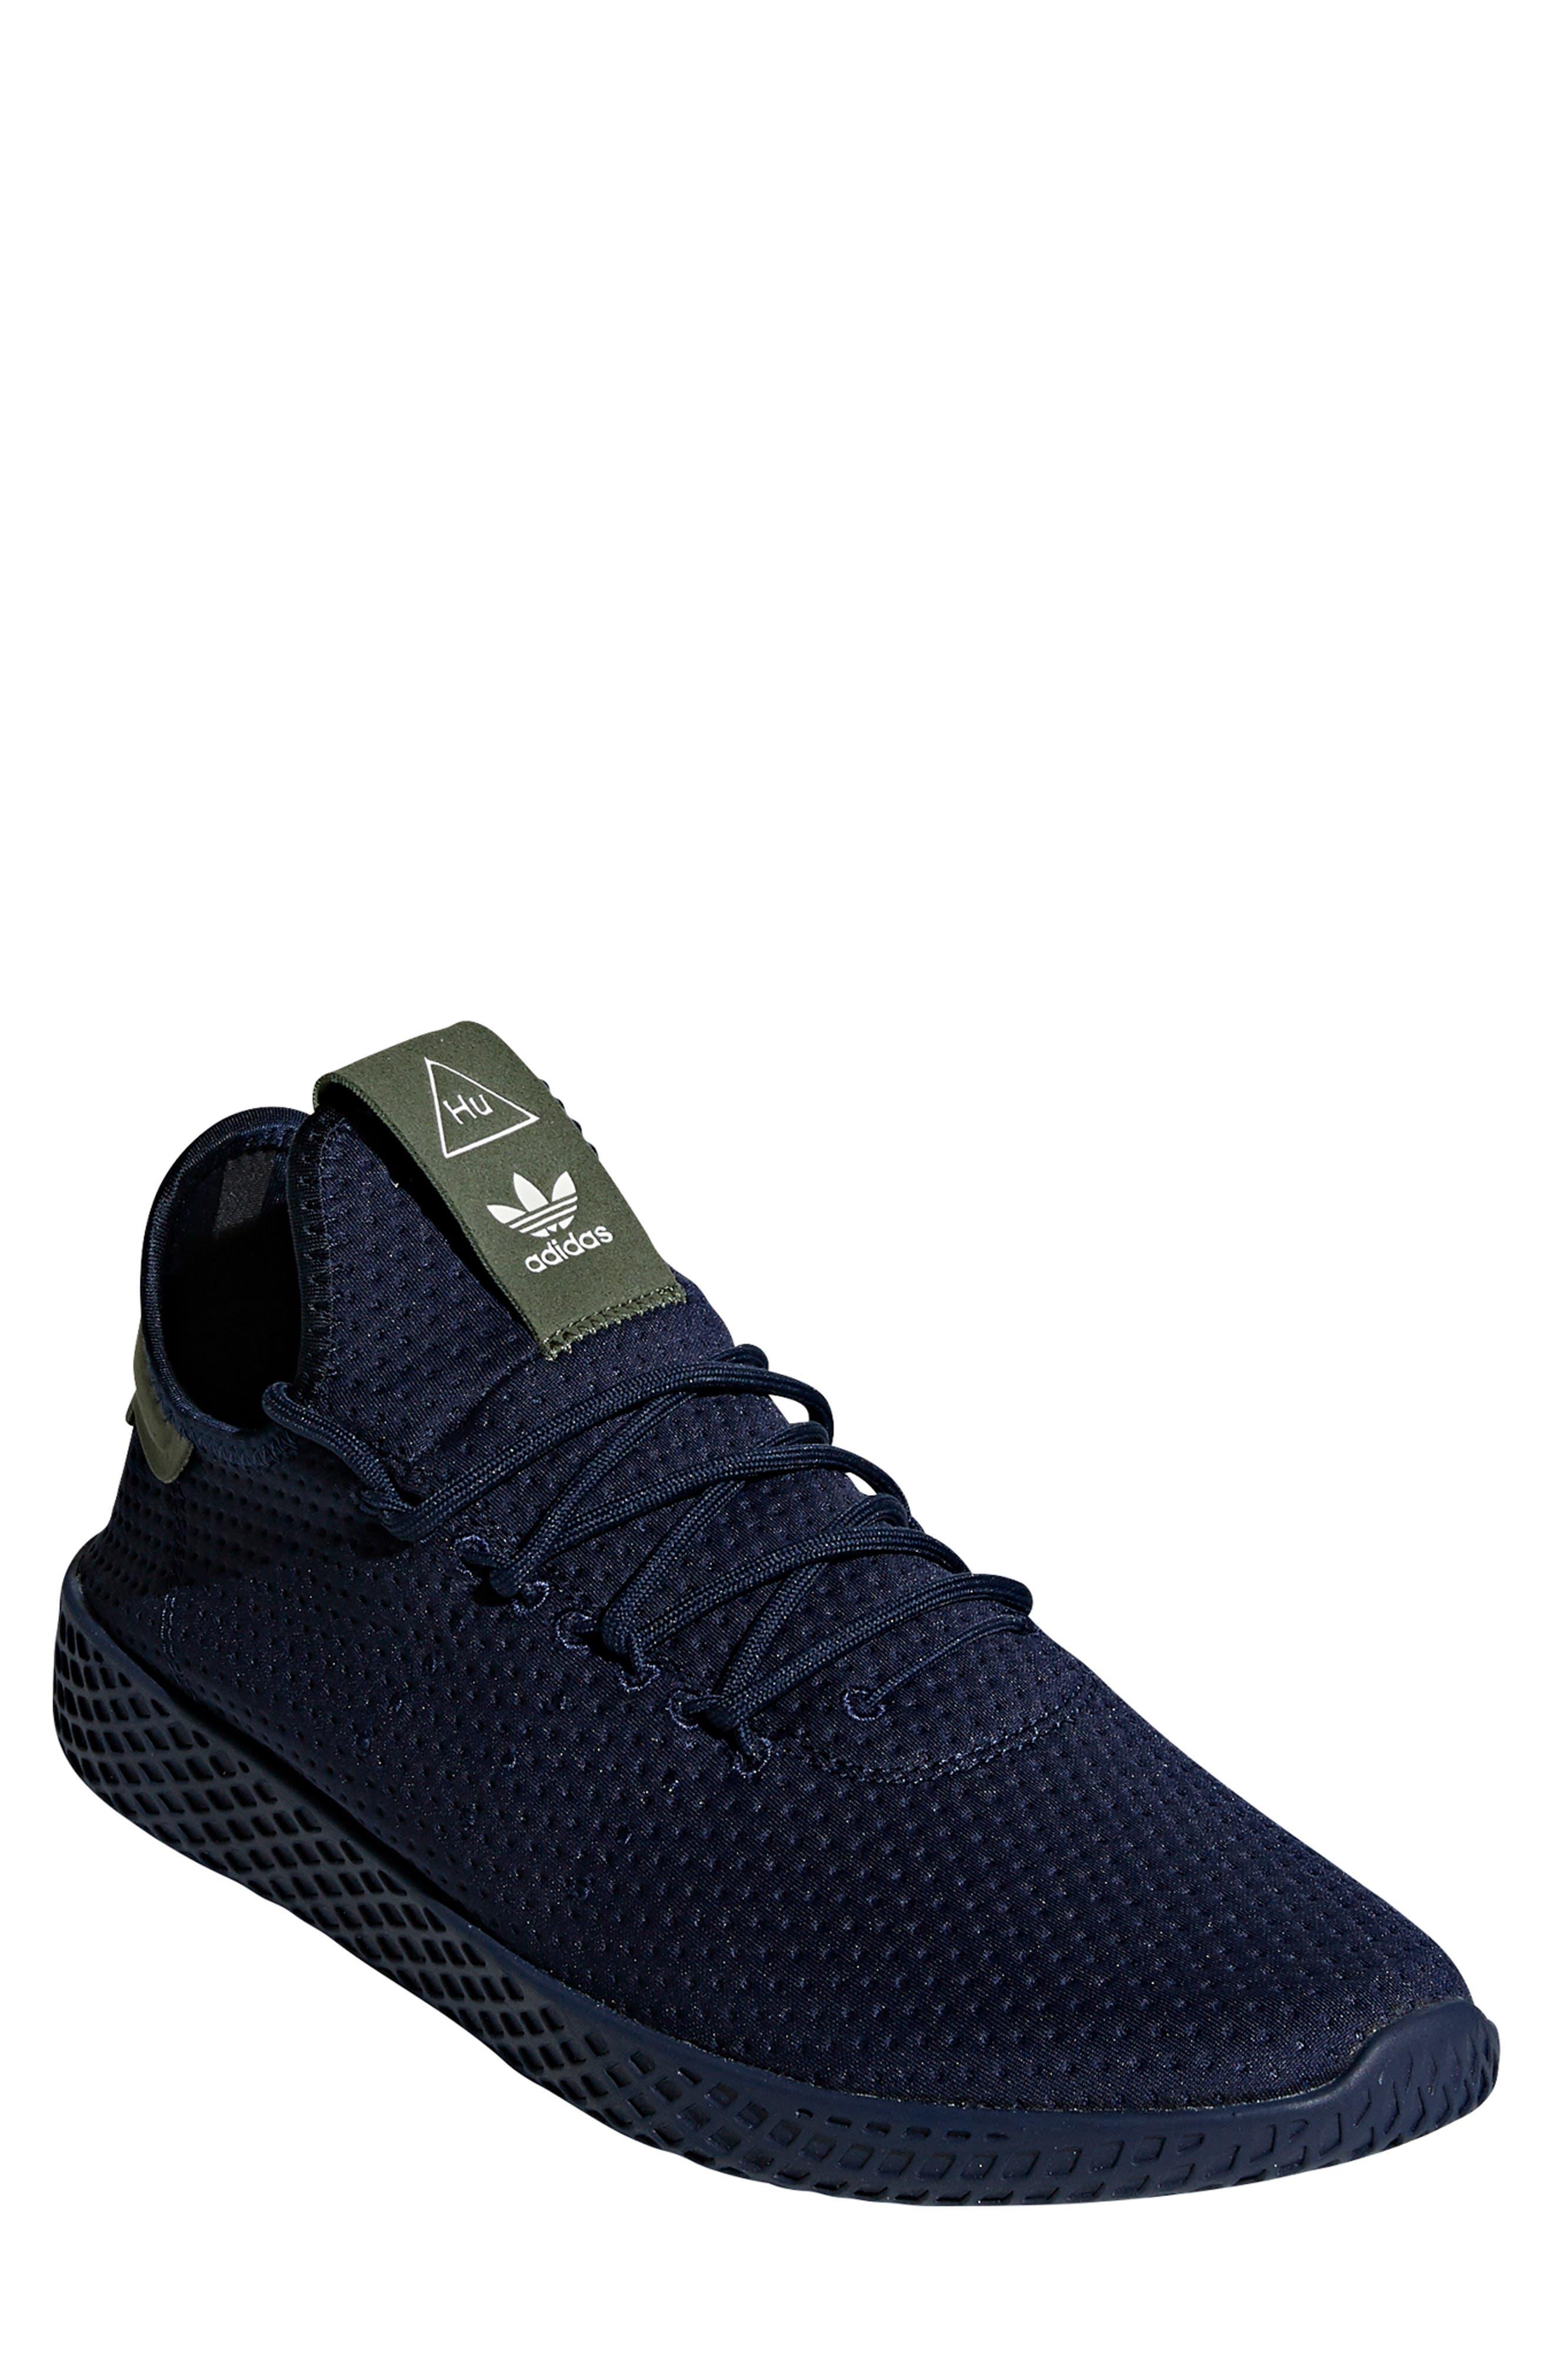 Pharrell Williams Tennis Hu Sneaker,                             Main thumbnail 1, color,                             415